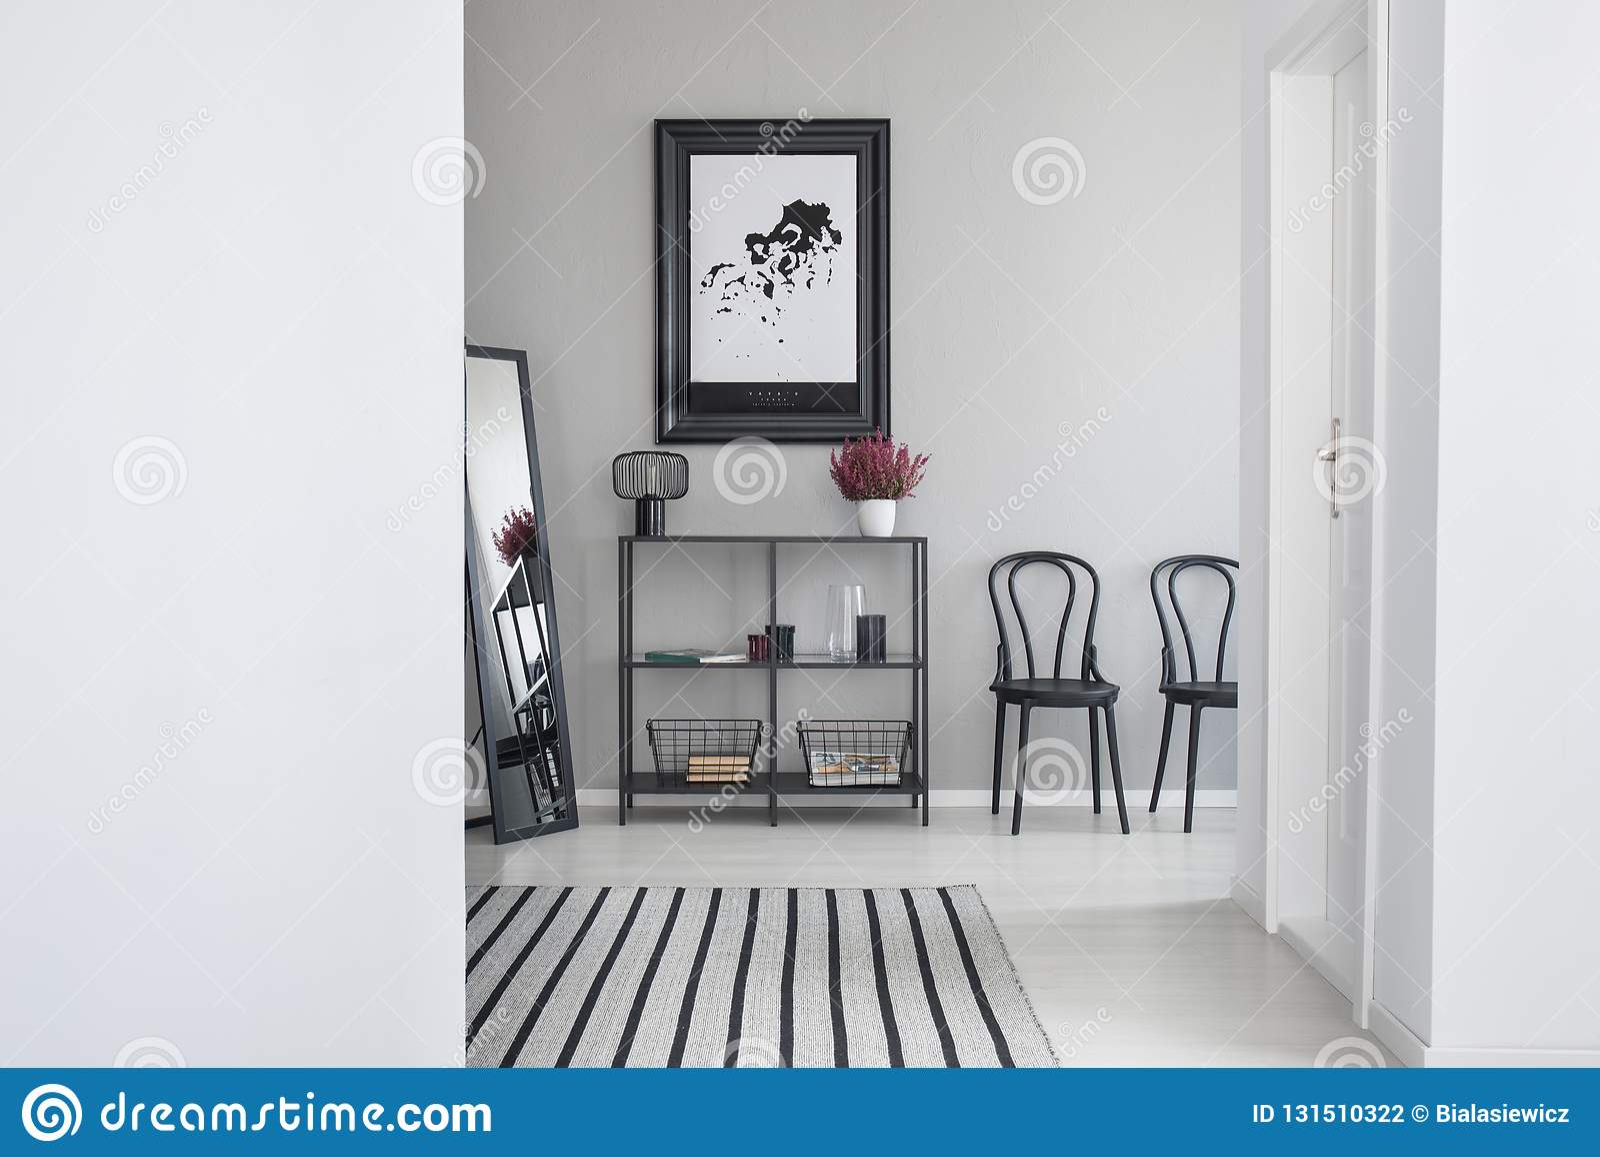 Översikt i svart ram i det väntande rummet av det moderna kontoret, verkligt foto med kopieringsutrymme